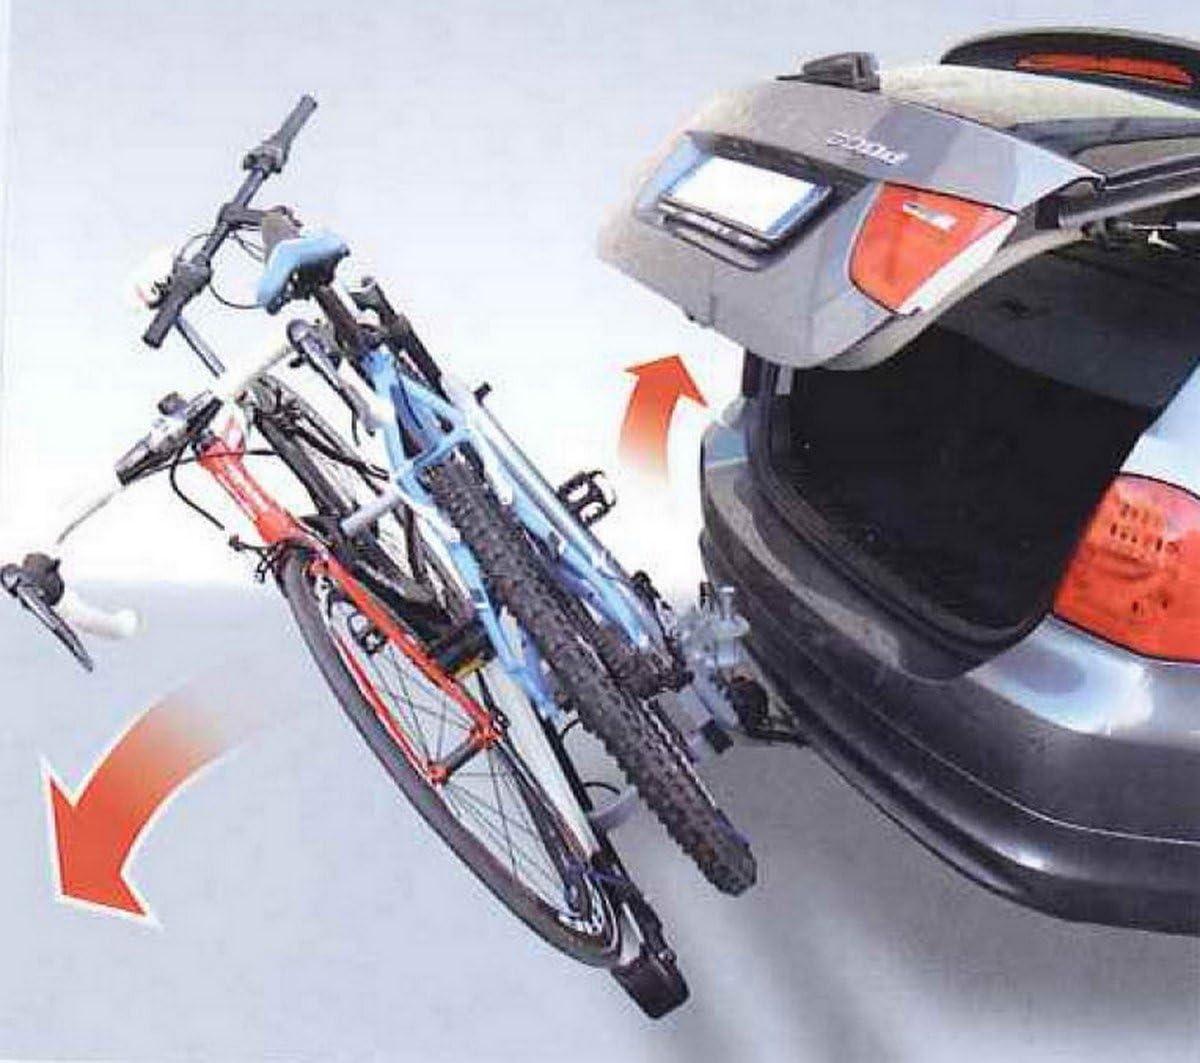 Menabo 000020100000 Project Tilting 3 Fahrradtr/äger